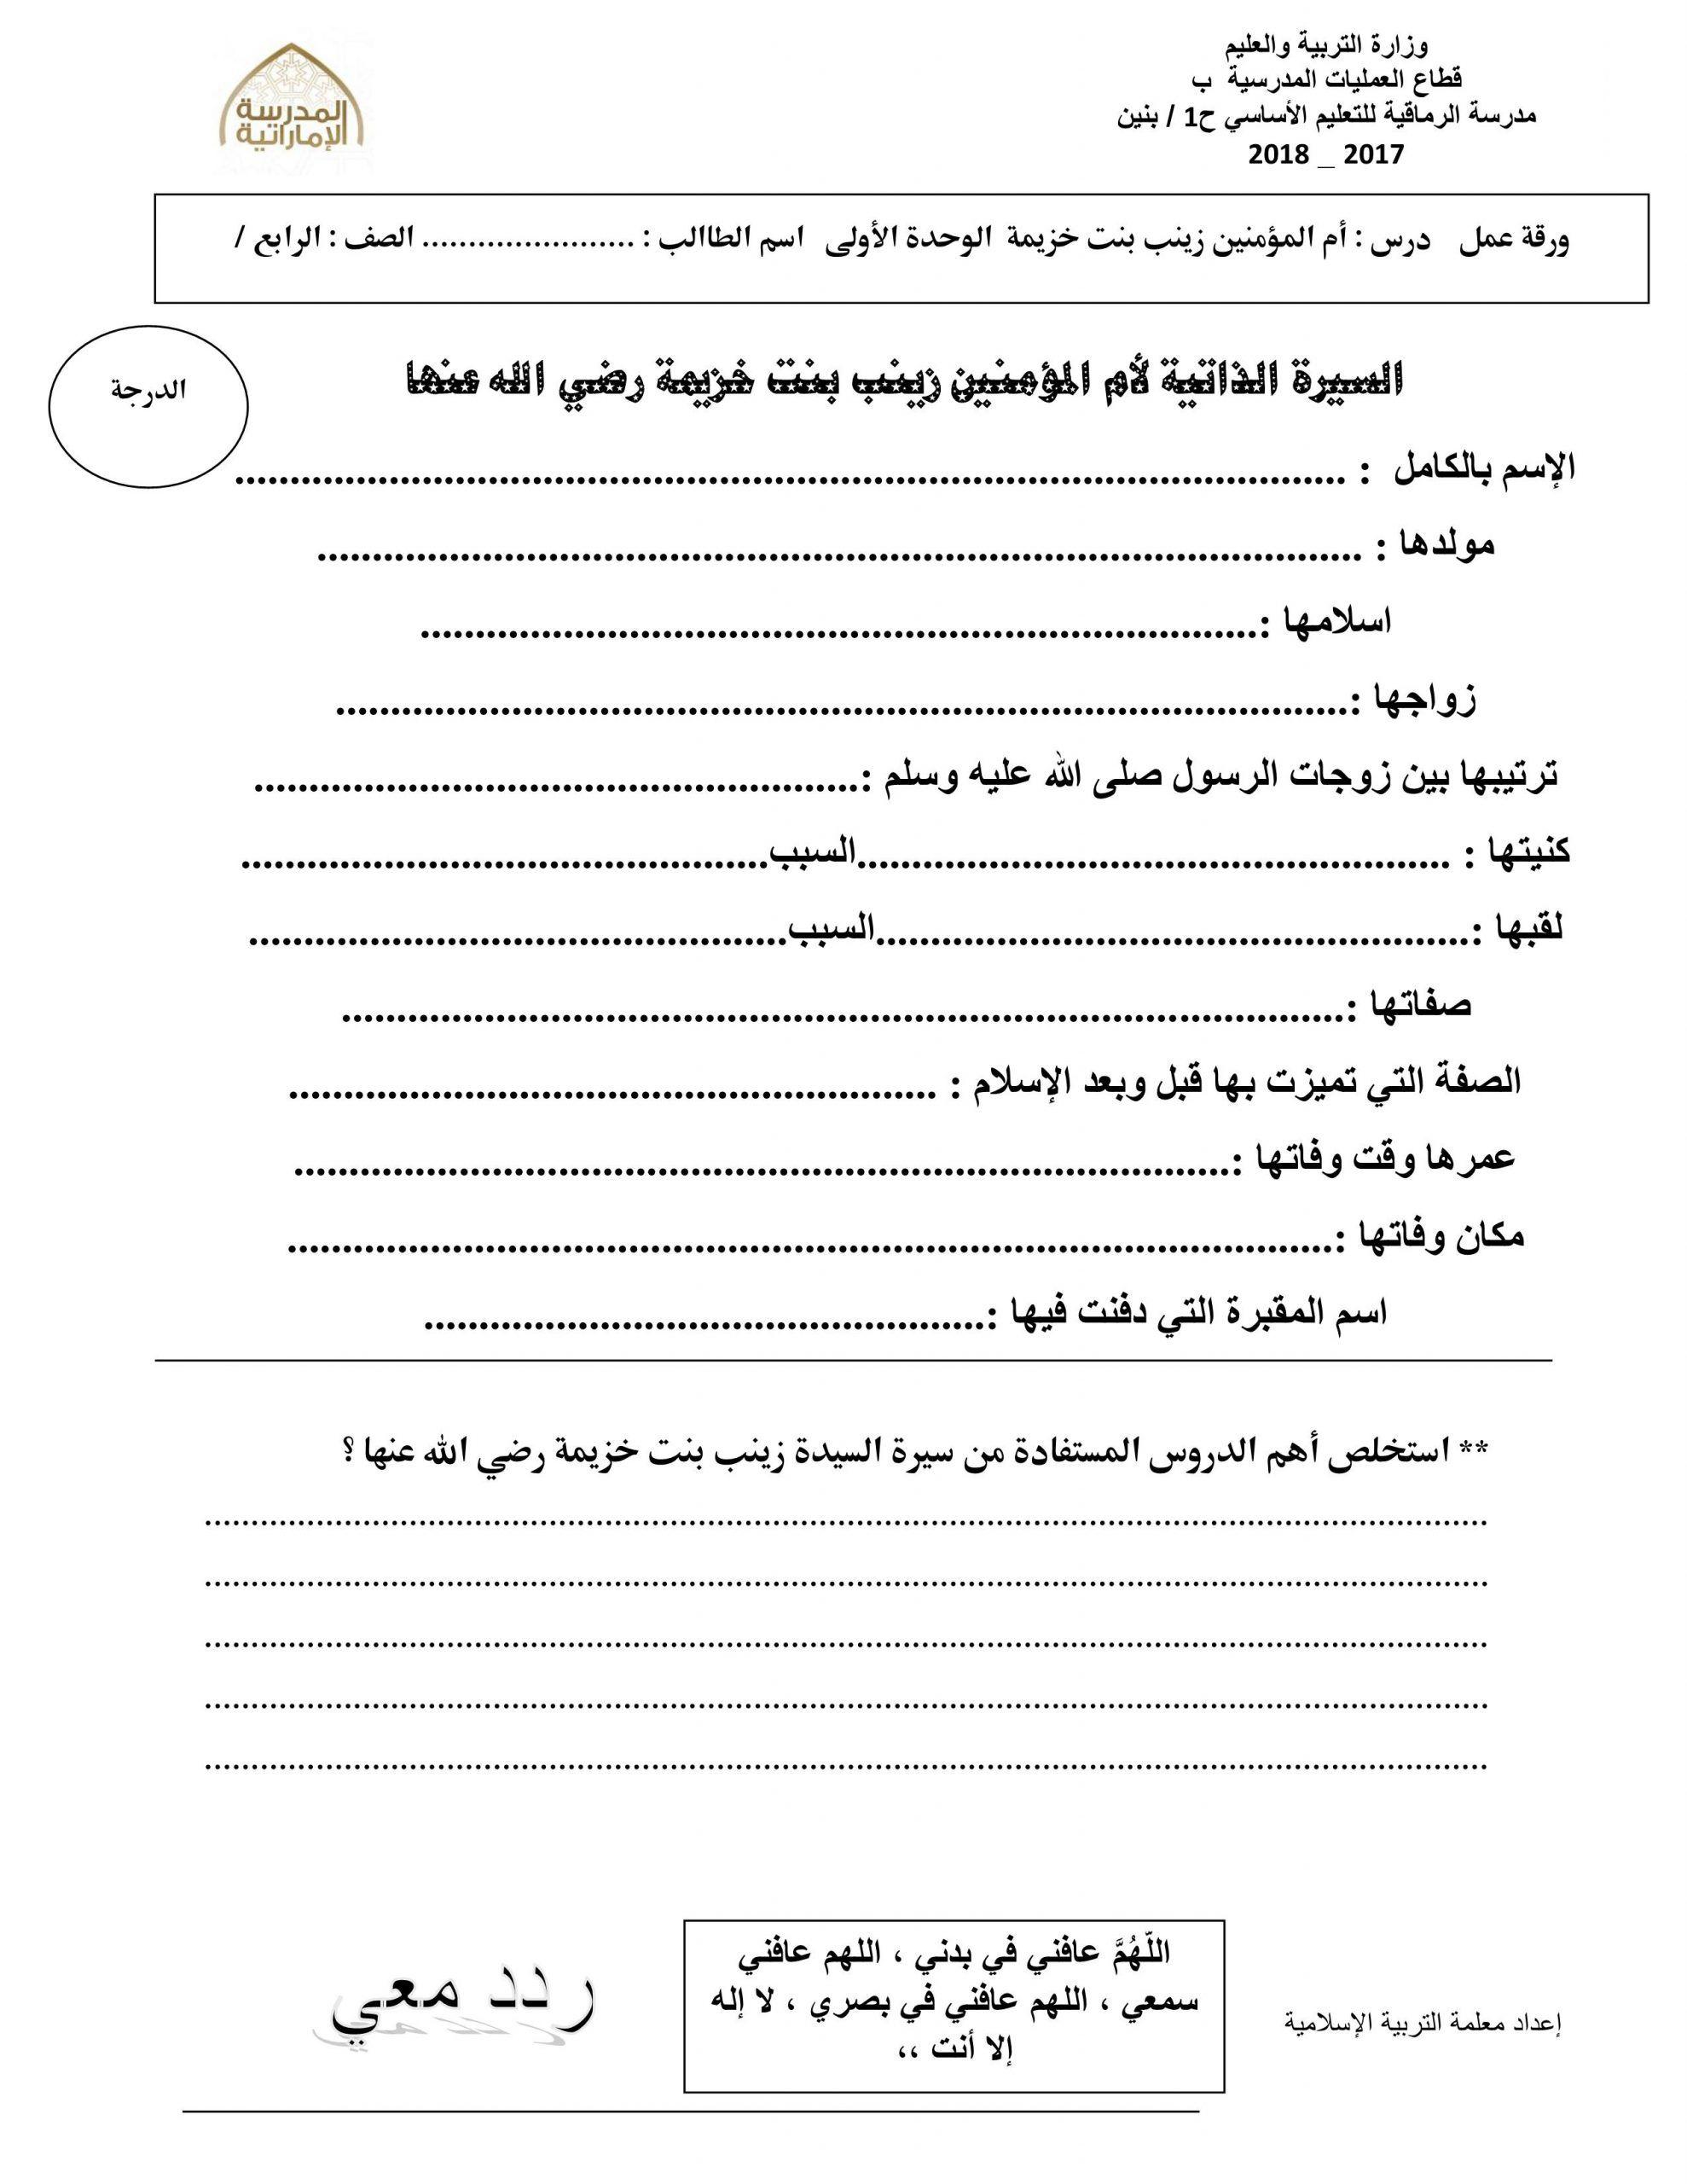 ورقة عمل أم المؤمنين زينب بنت خزيمة للصف الرابع مادة التربية الاسلامية